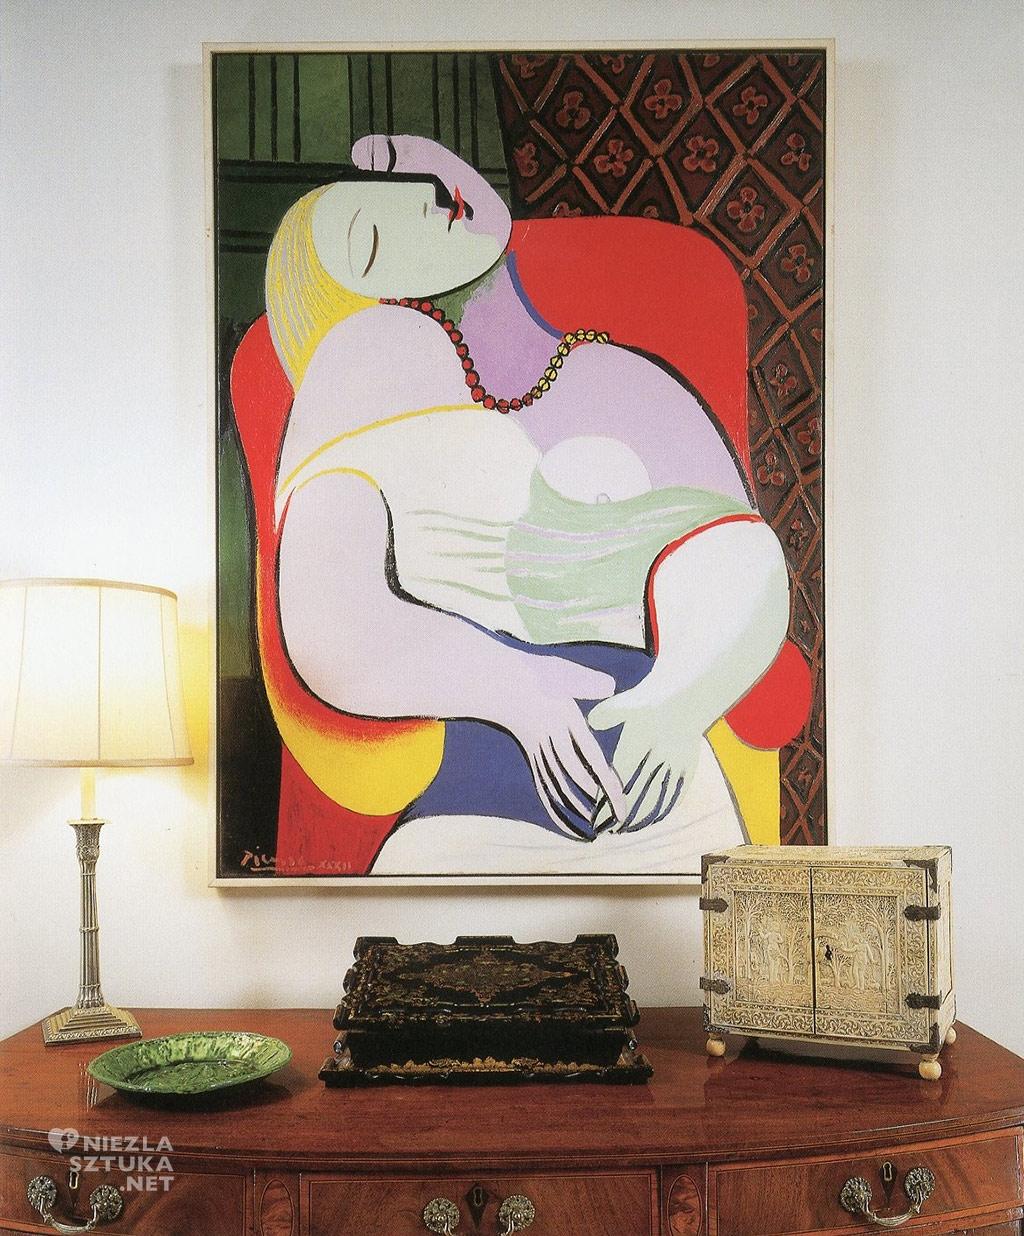 Picasso Pablo, Sen, Le Reve, Niezła sztuka